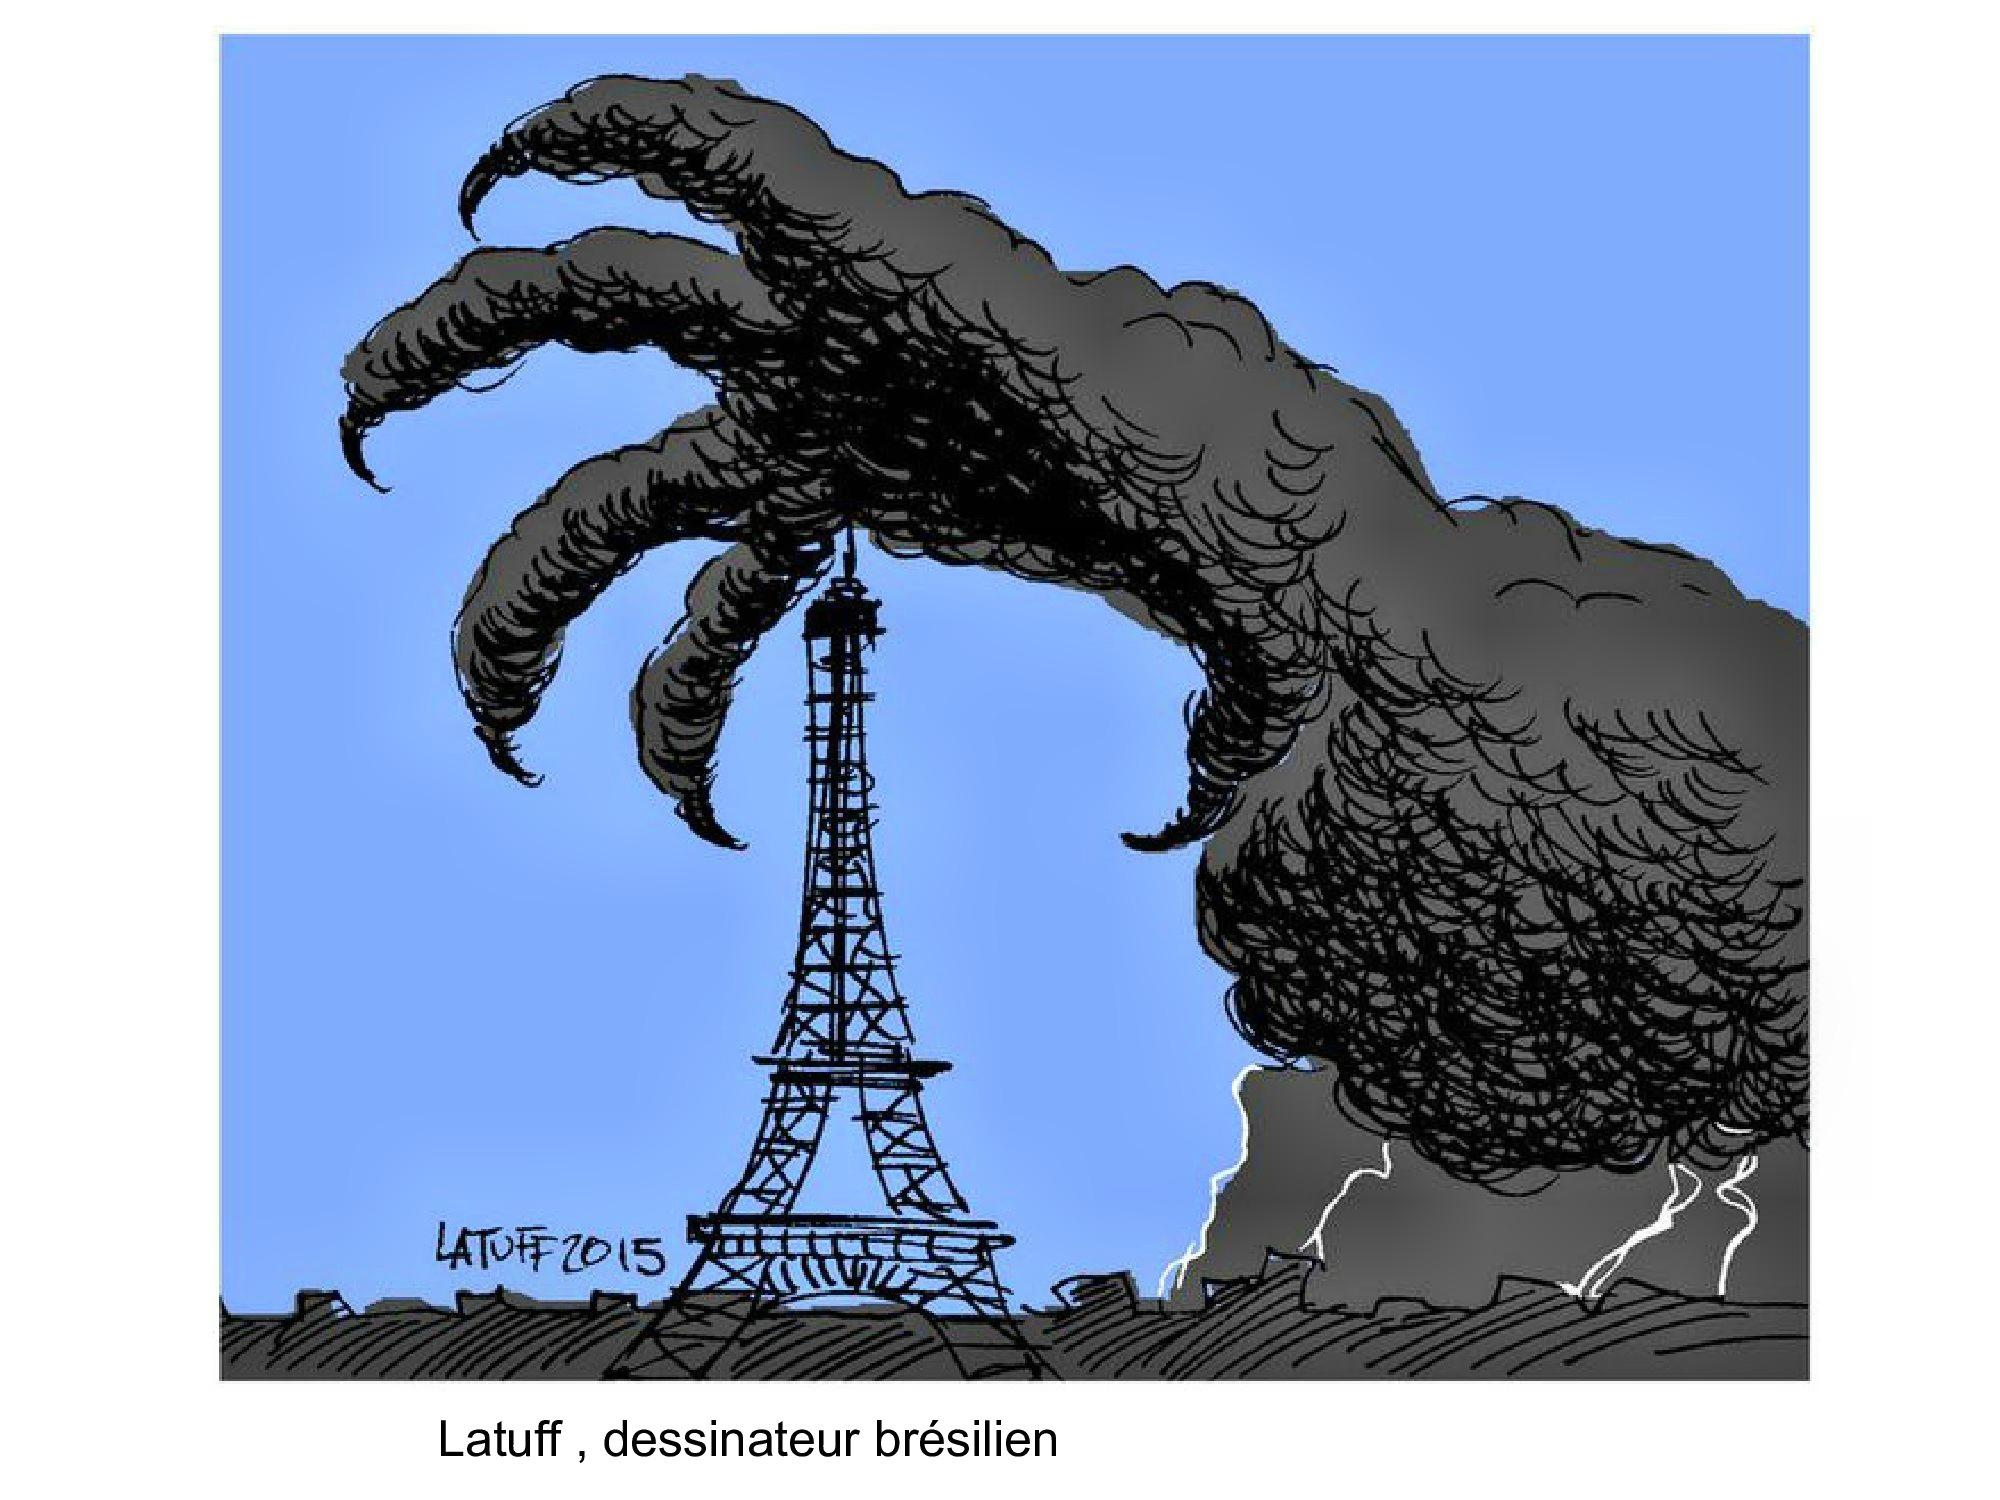 HOMMAGE des dessinateurs aux victimes des attentats de Paris 13 novembre 2015 (26)